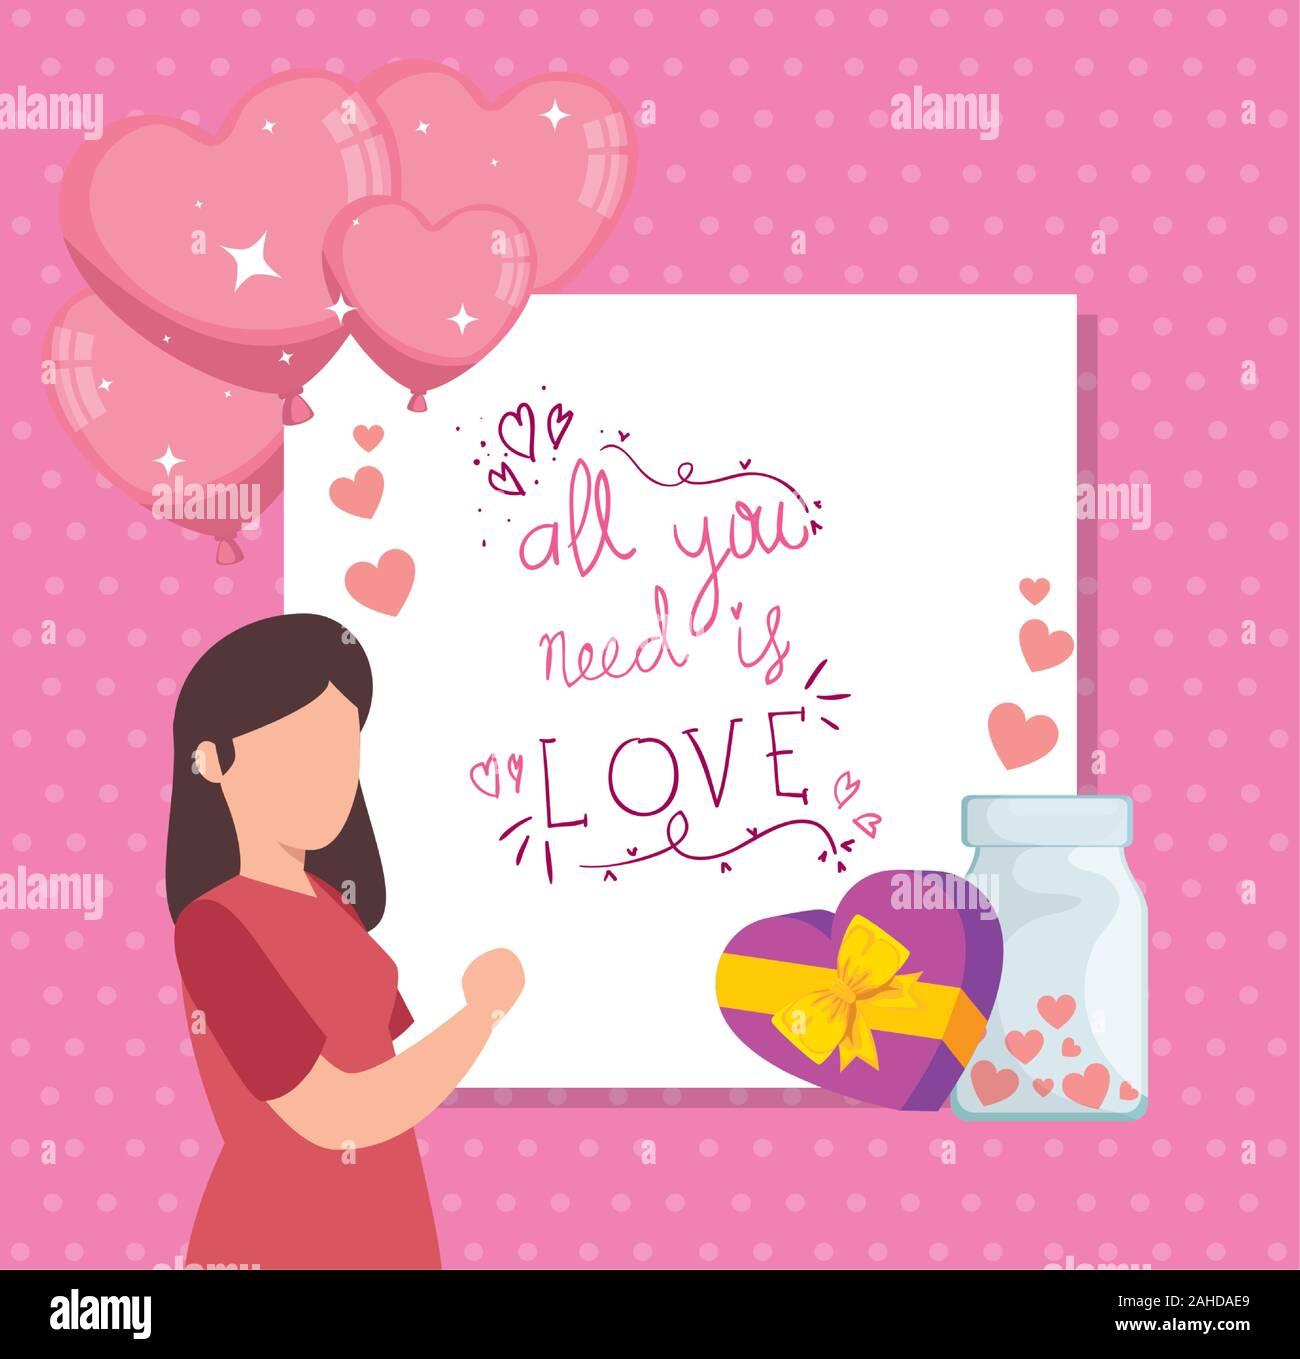 Poster avec tout ce qu'il vous faut, c'est l'amour et de la décoration Illustration de Vecteur